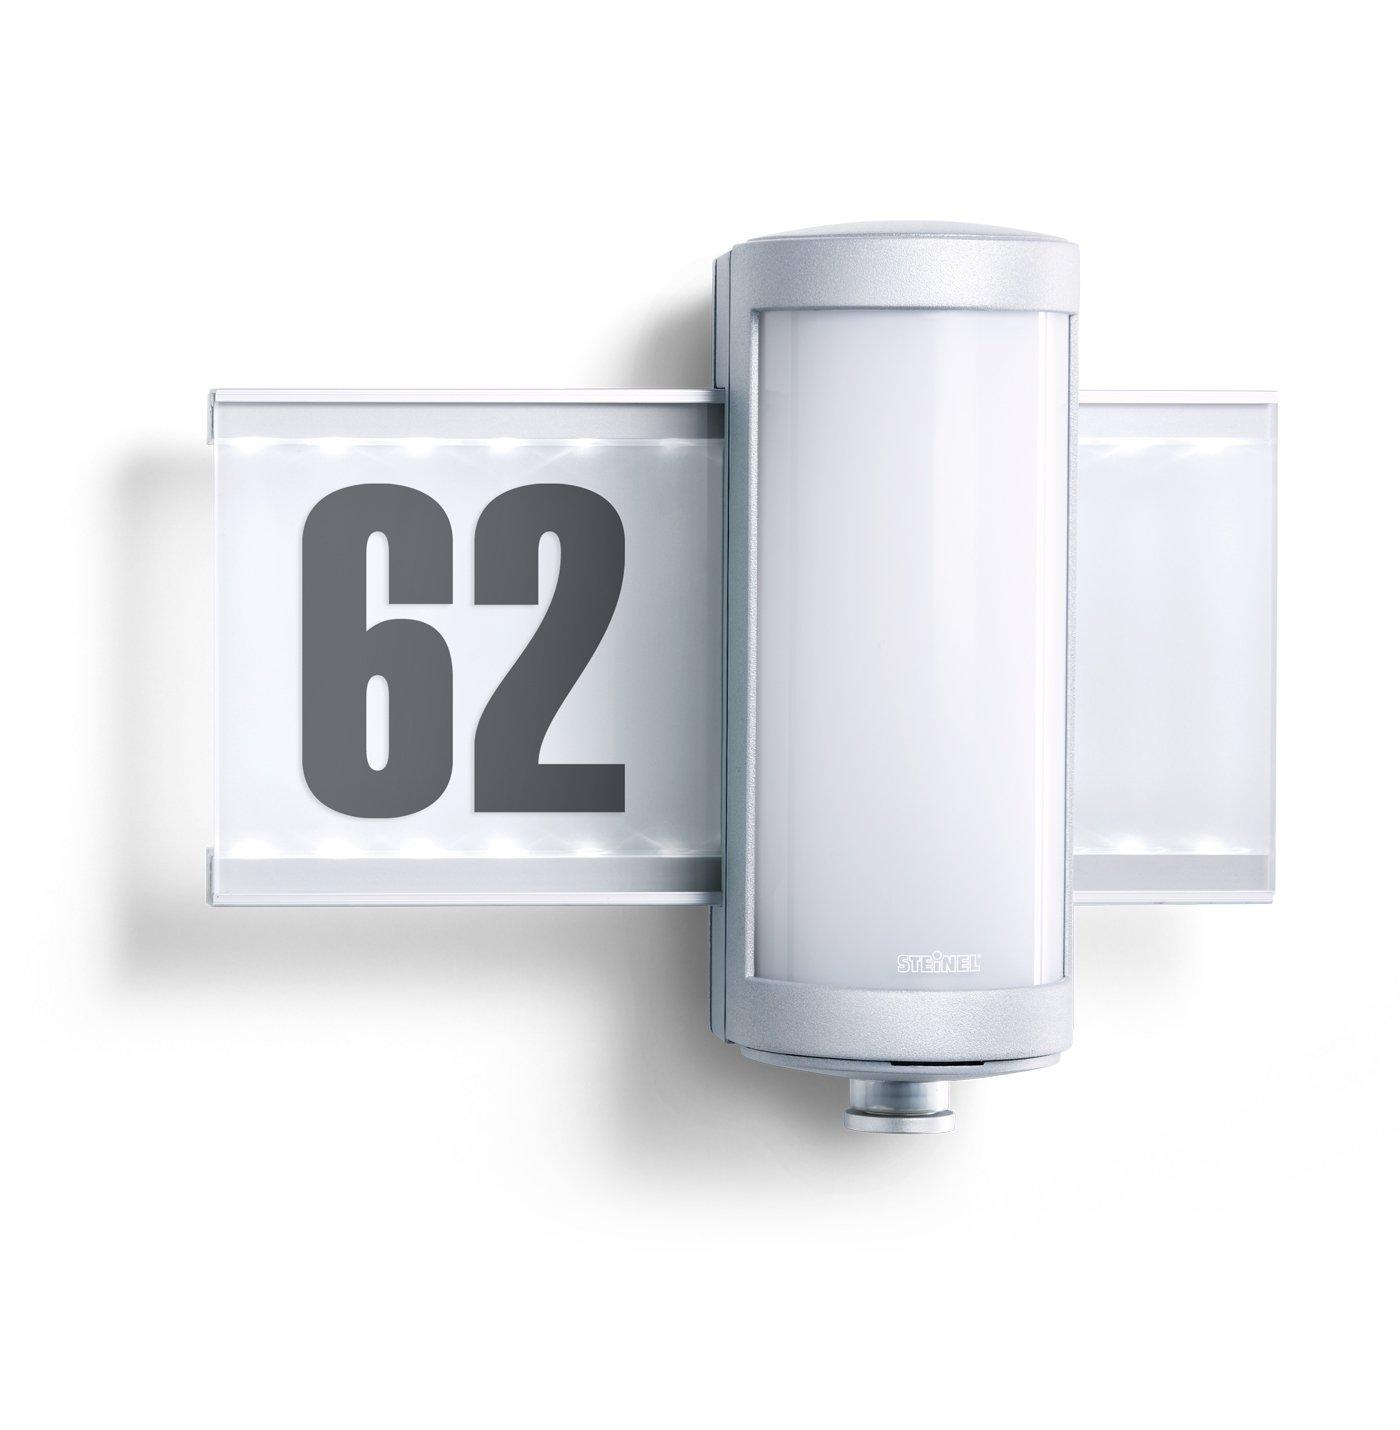 61Jb6kGaxKL._SL1430_ Spannende Steinel Lampe Mit Bewegungsmelder Dekorationen